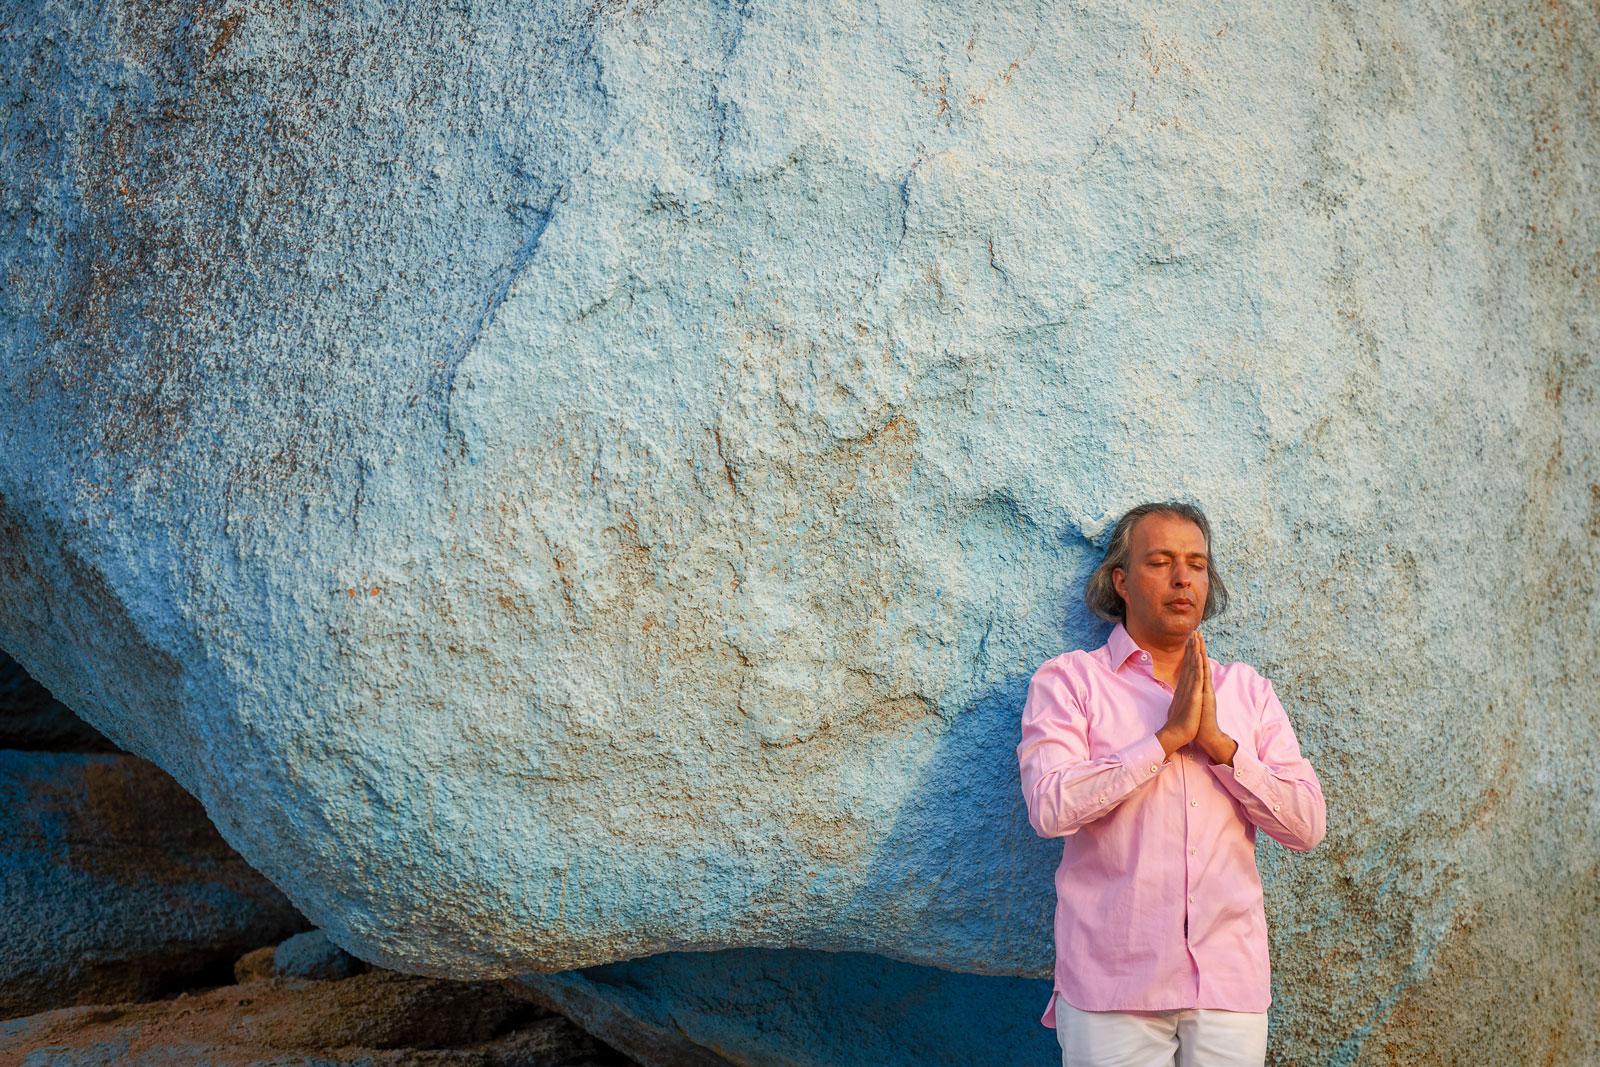 Portrait eines segnenden Mannes vor einem blauen Felsen in Tafraoute, in den Bergen des Antiatlas Gebirges in Marokko